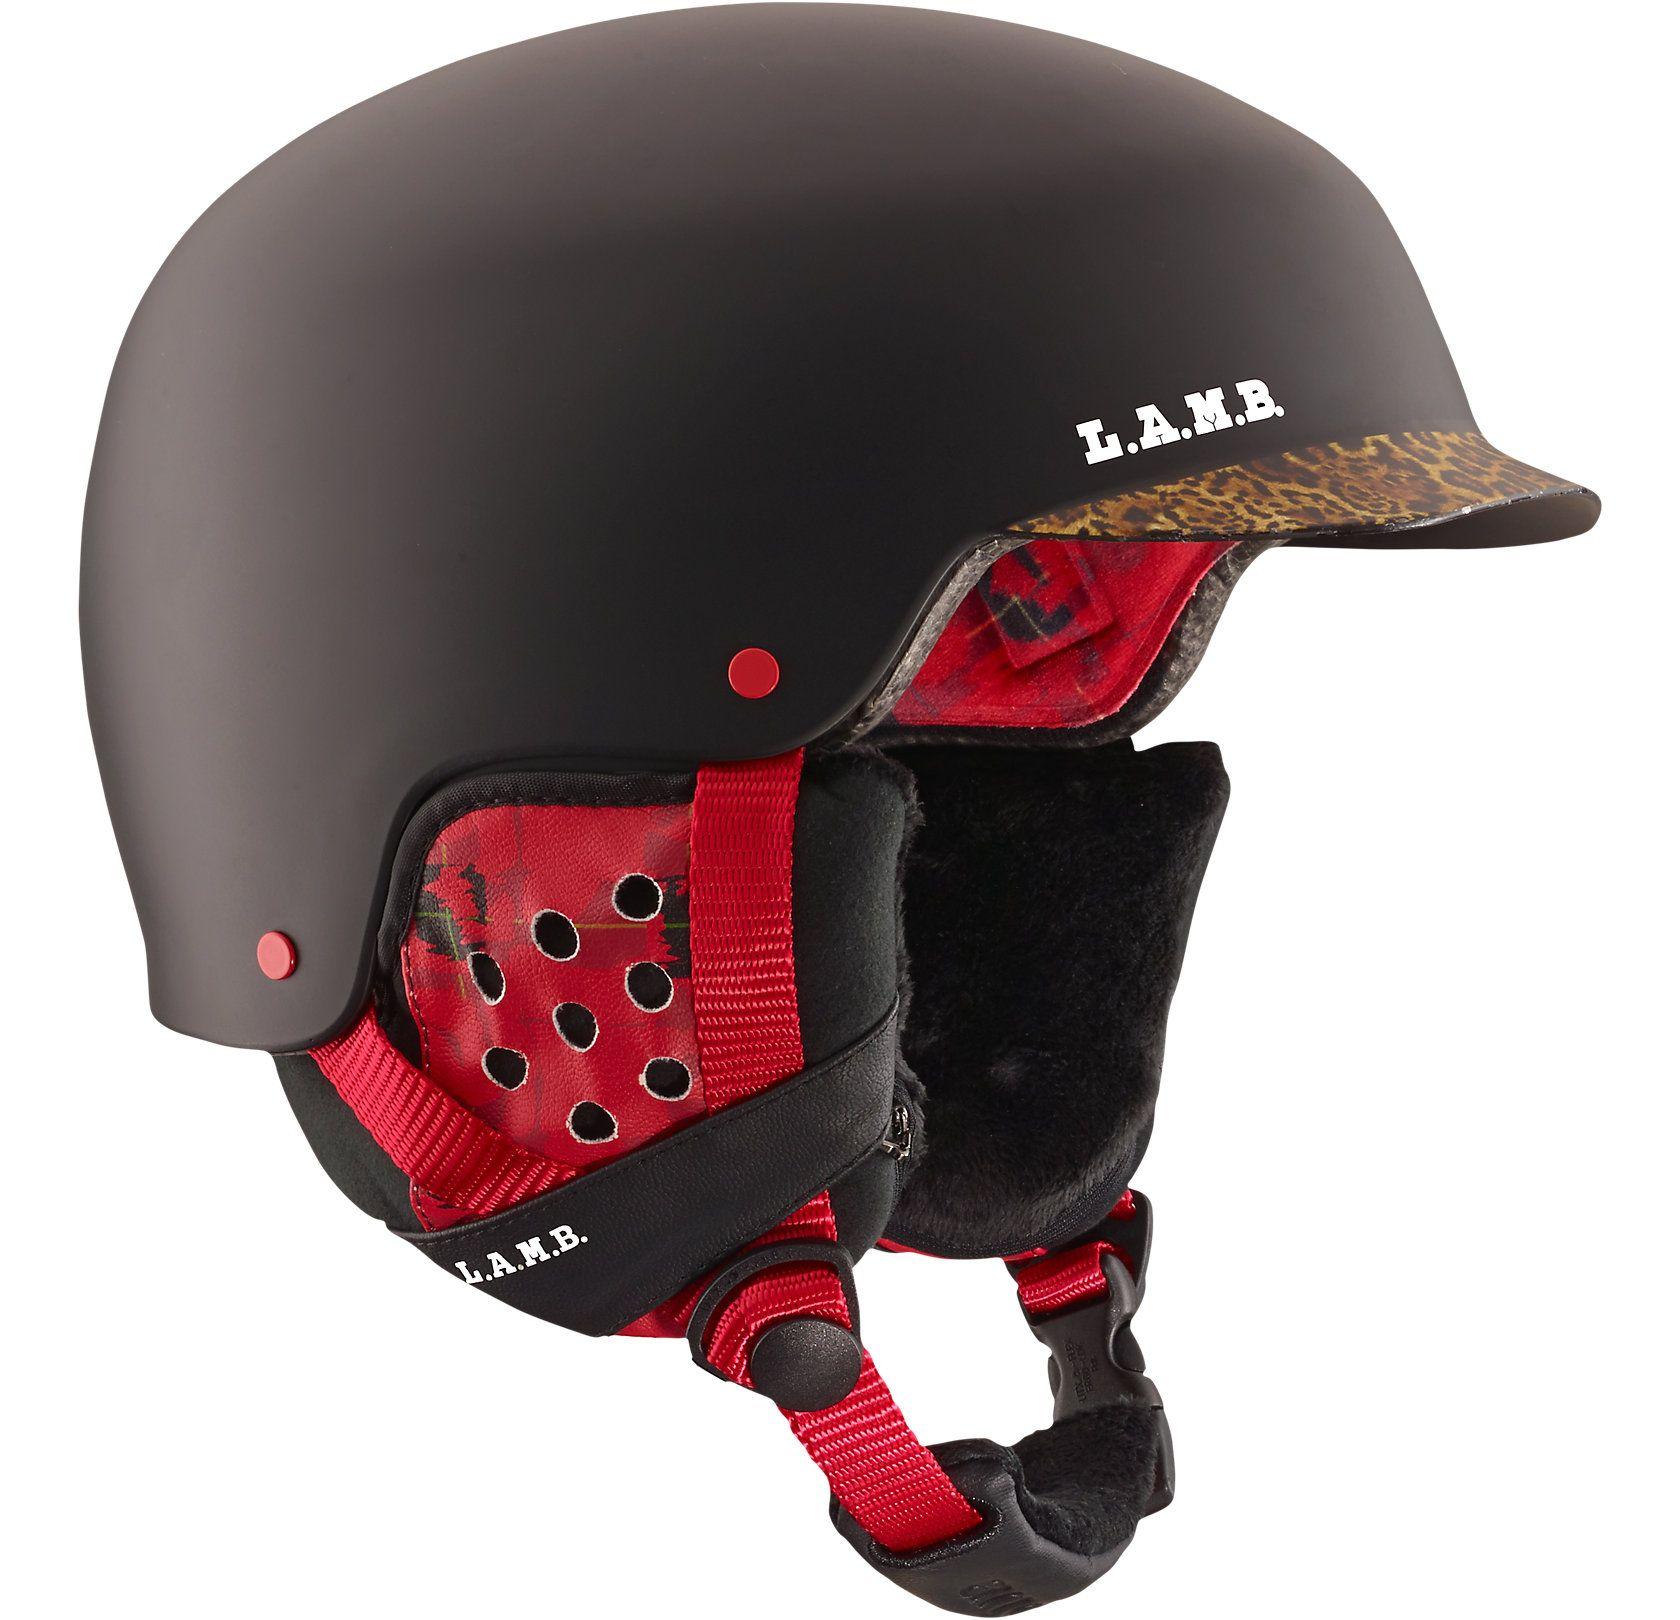 Hopefully getting this lamb x burton ski helmet ski